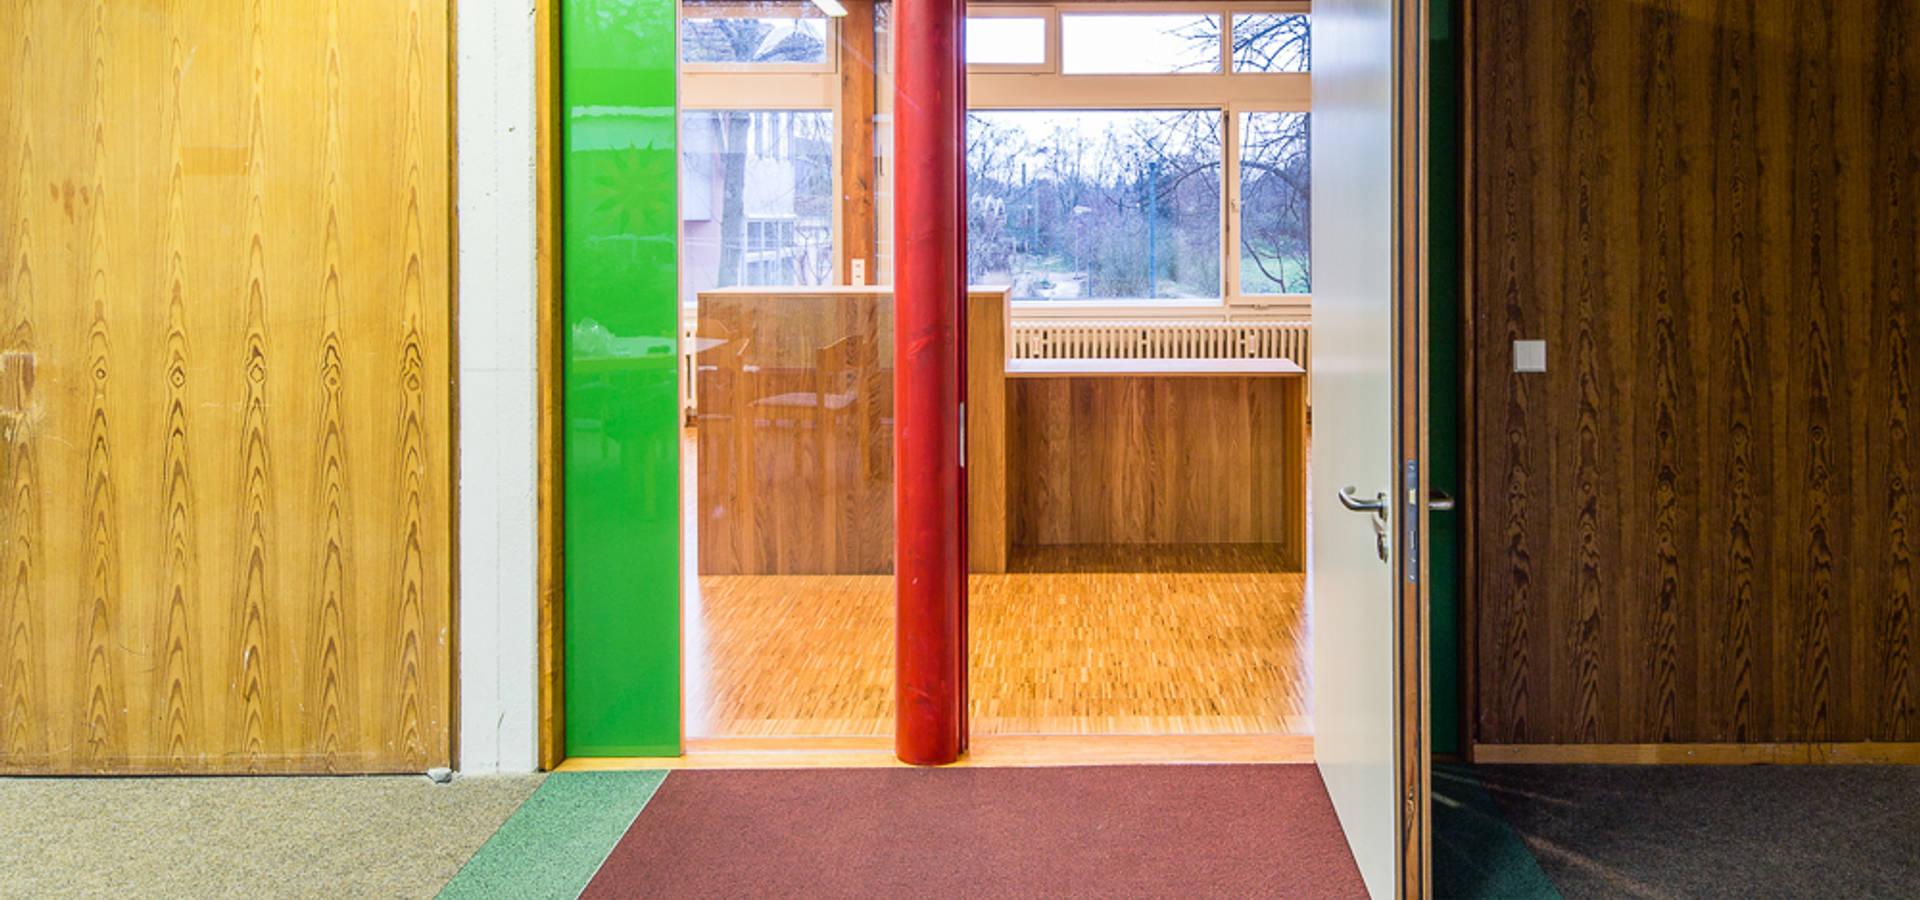 ffentliche wc anlage der emmauskirche von archetrans e v. Black Bedroom Furniture Sets. Home Design Ideas